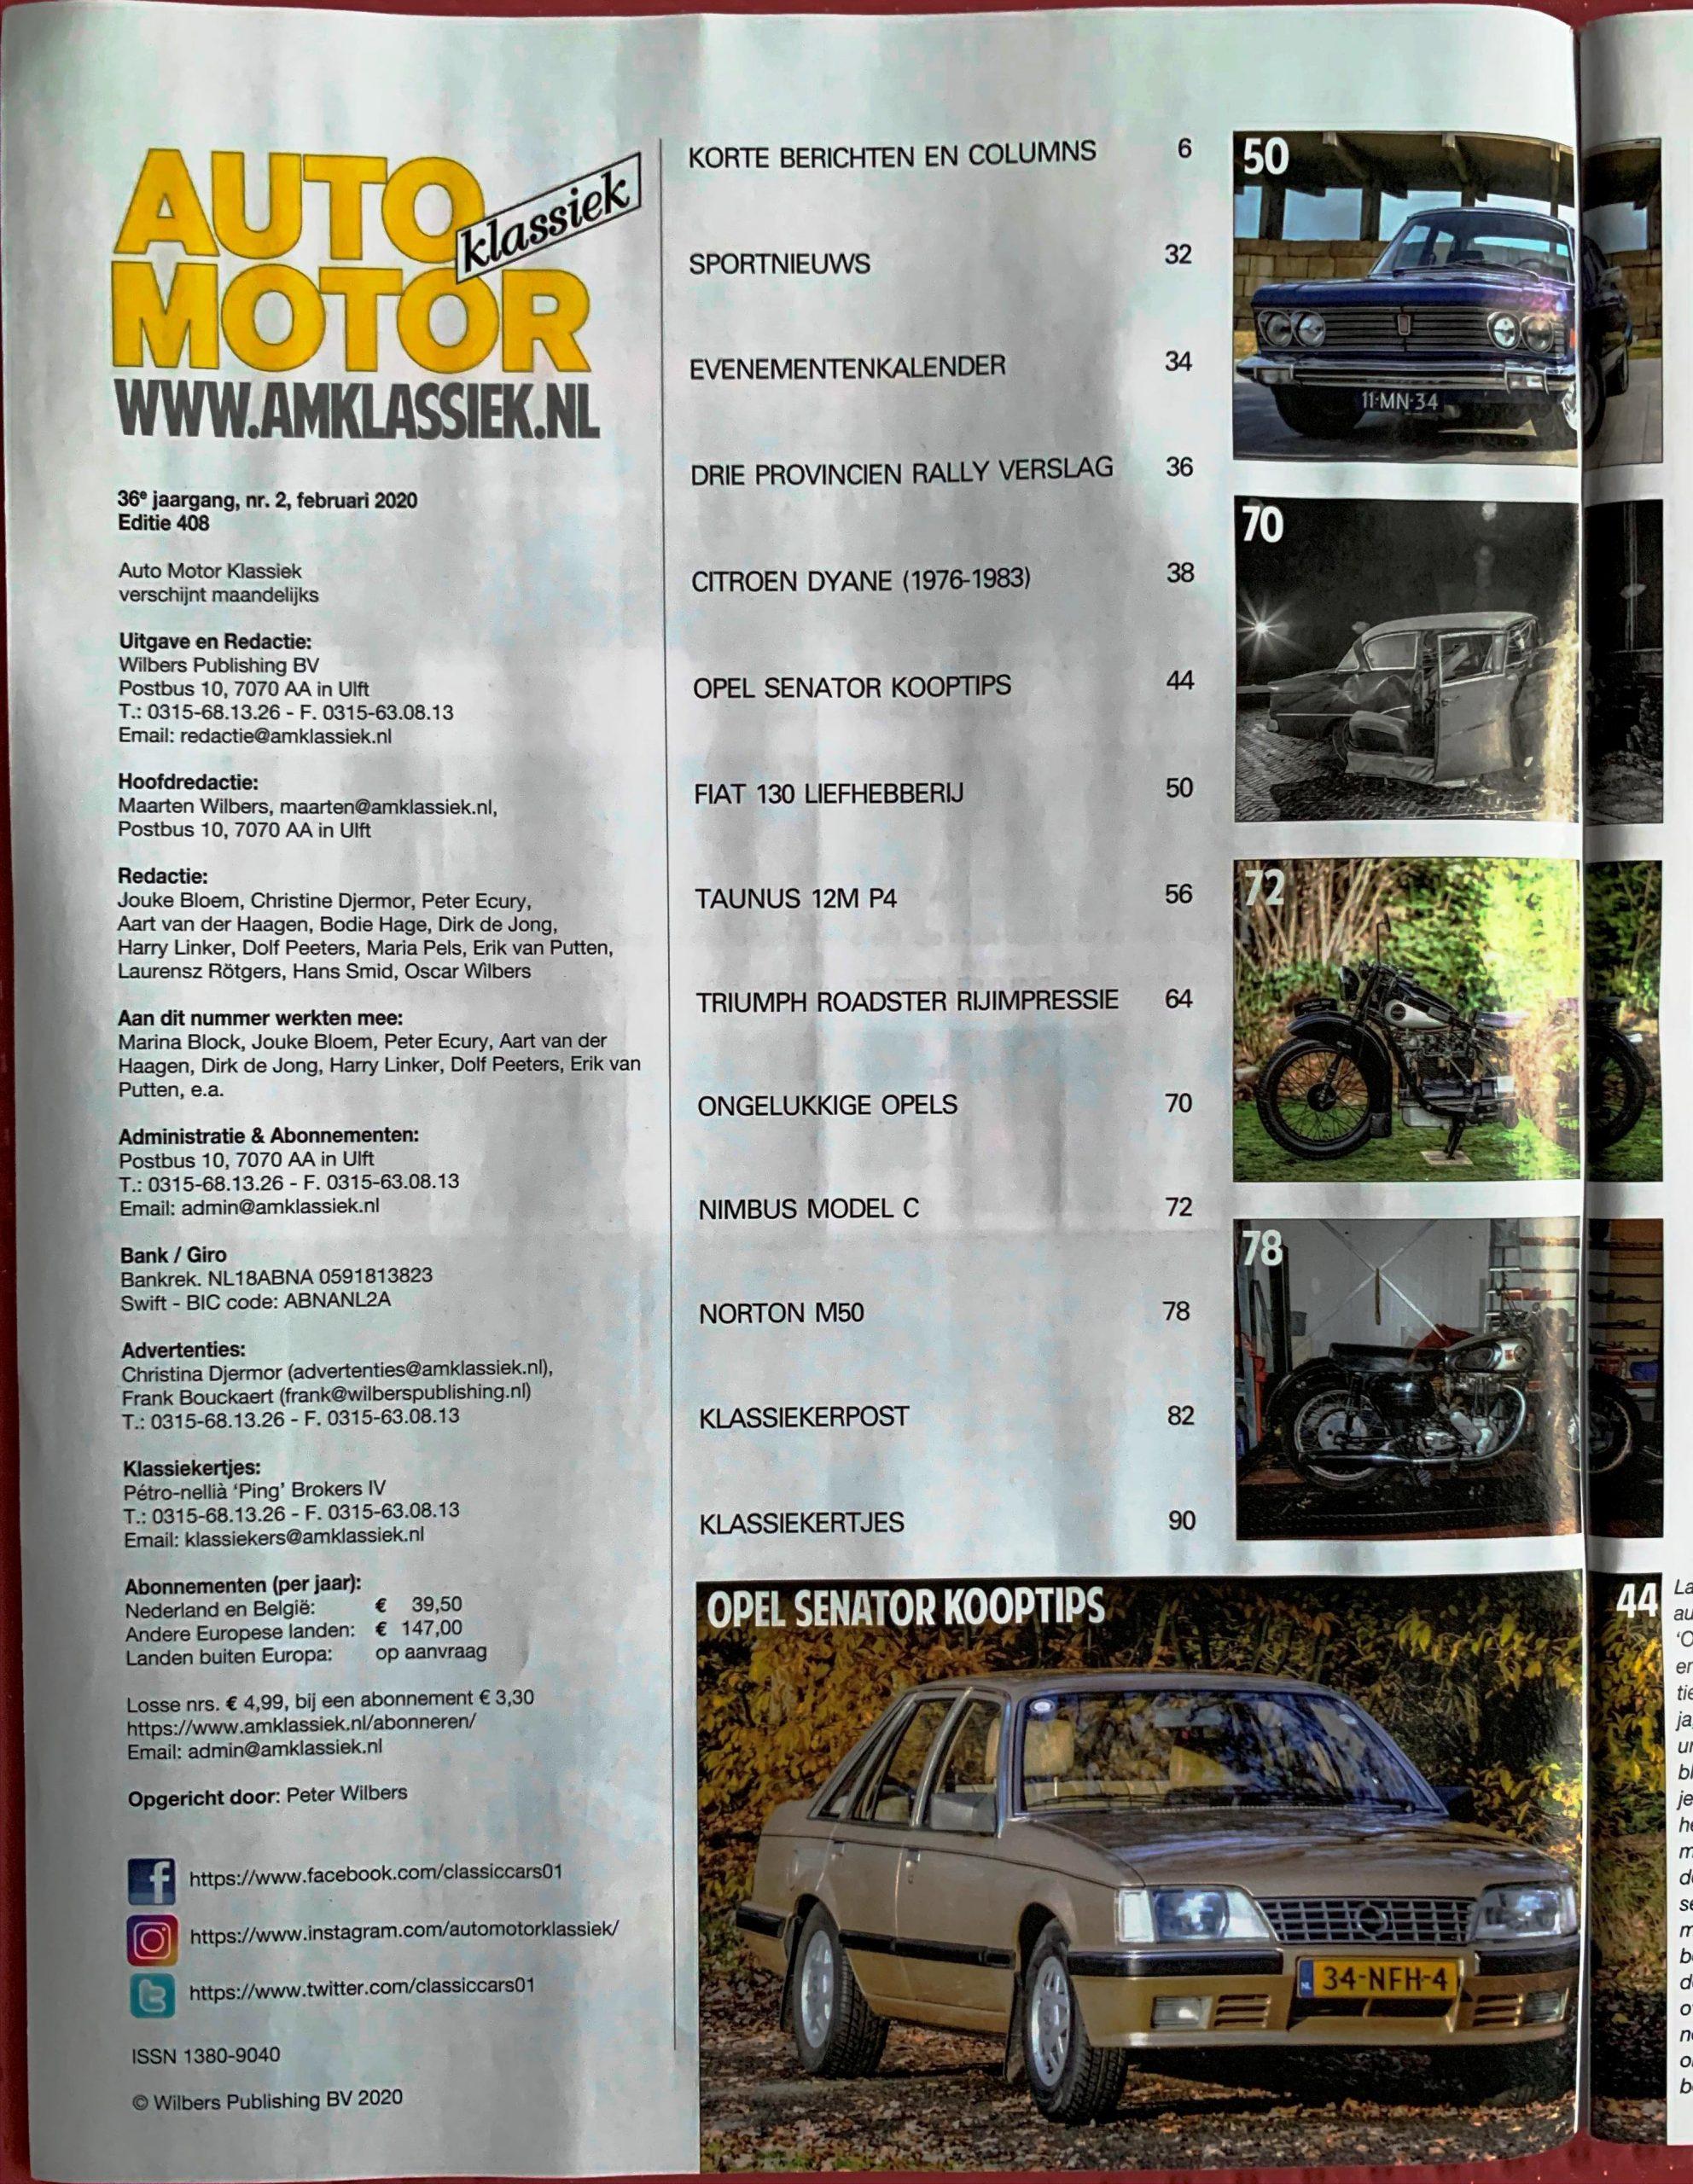 AMK 02-2020 Fiat 130